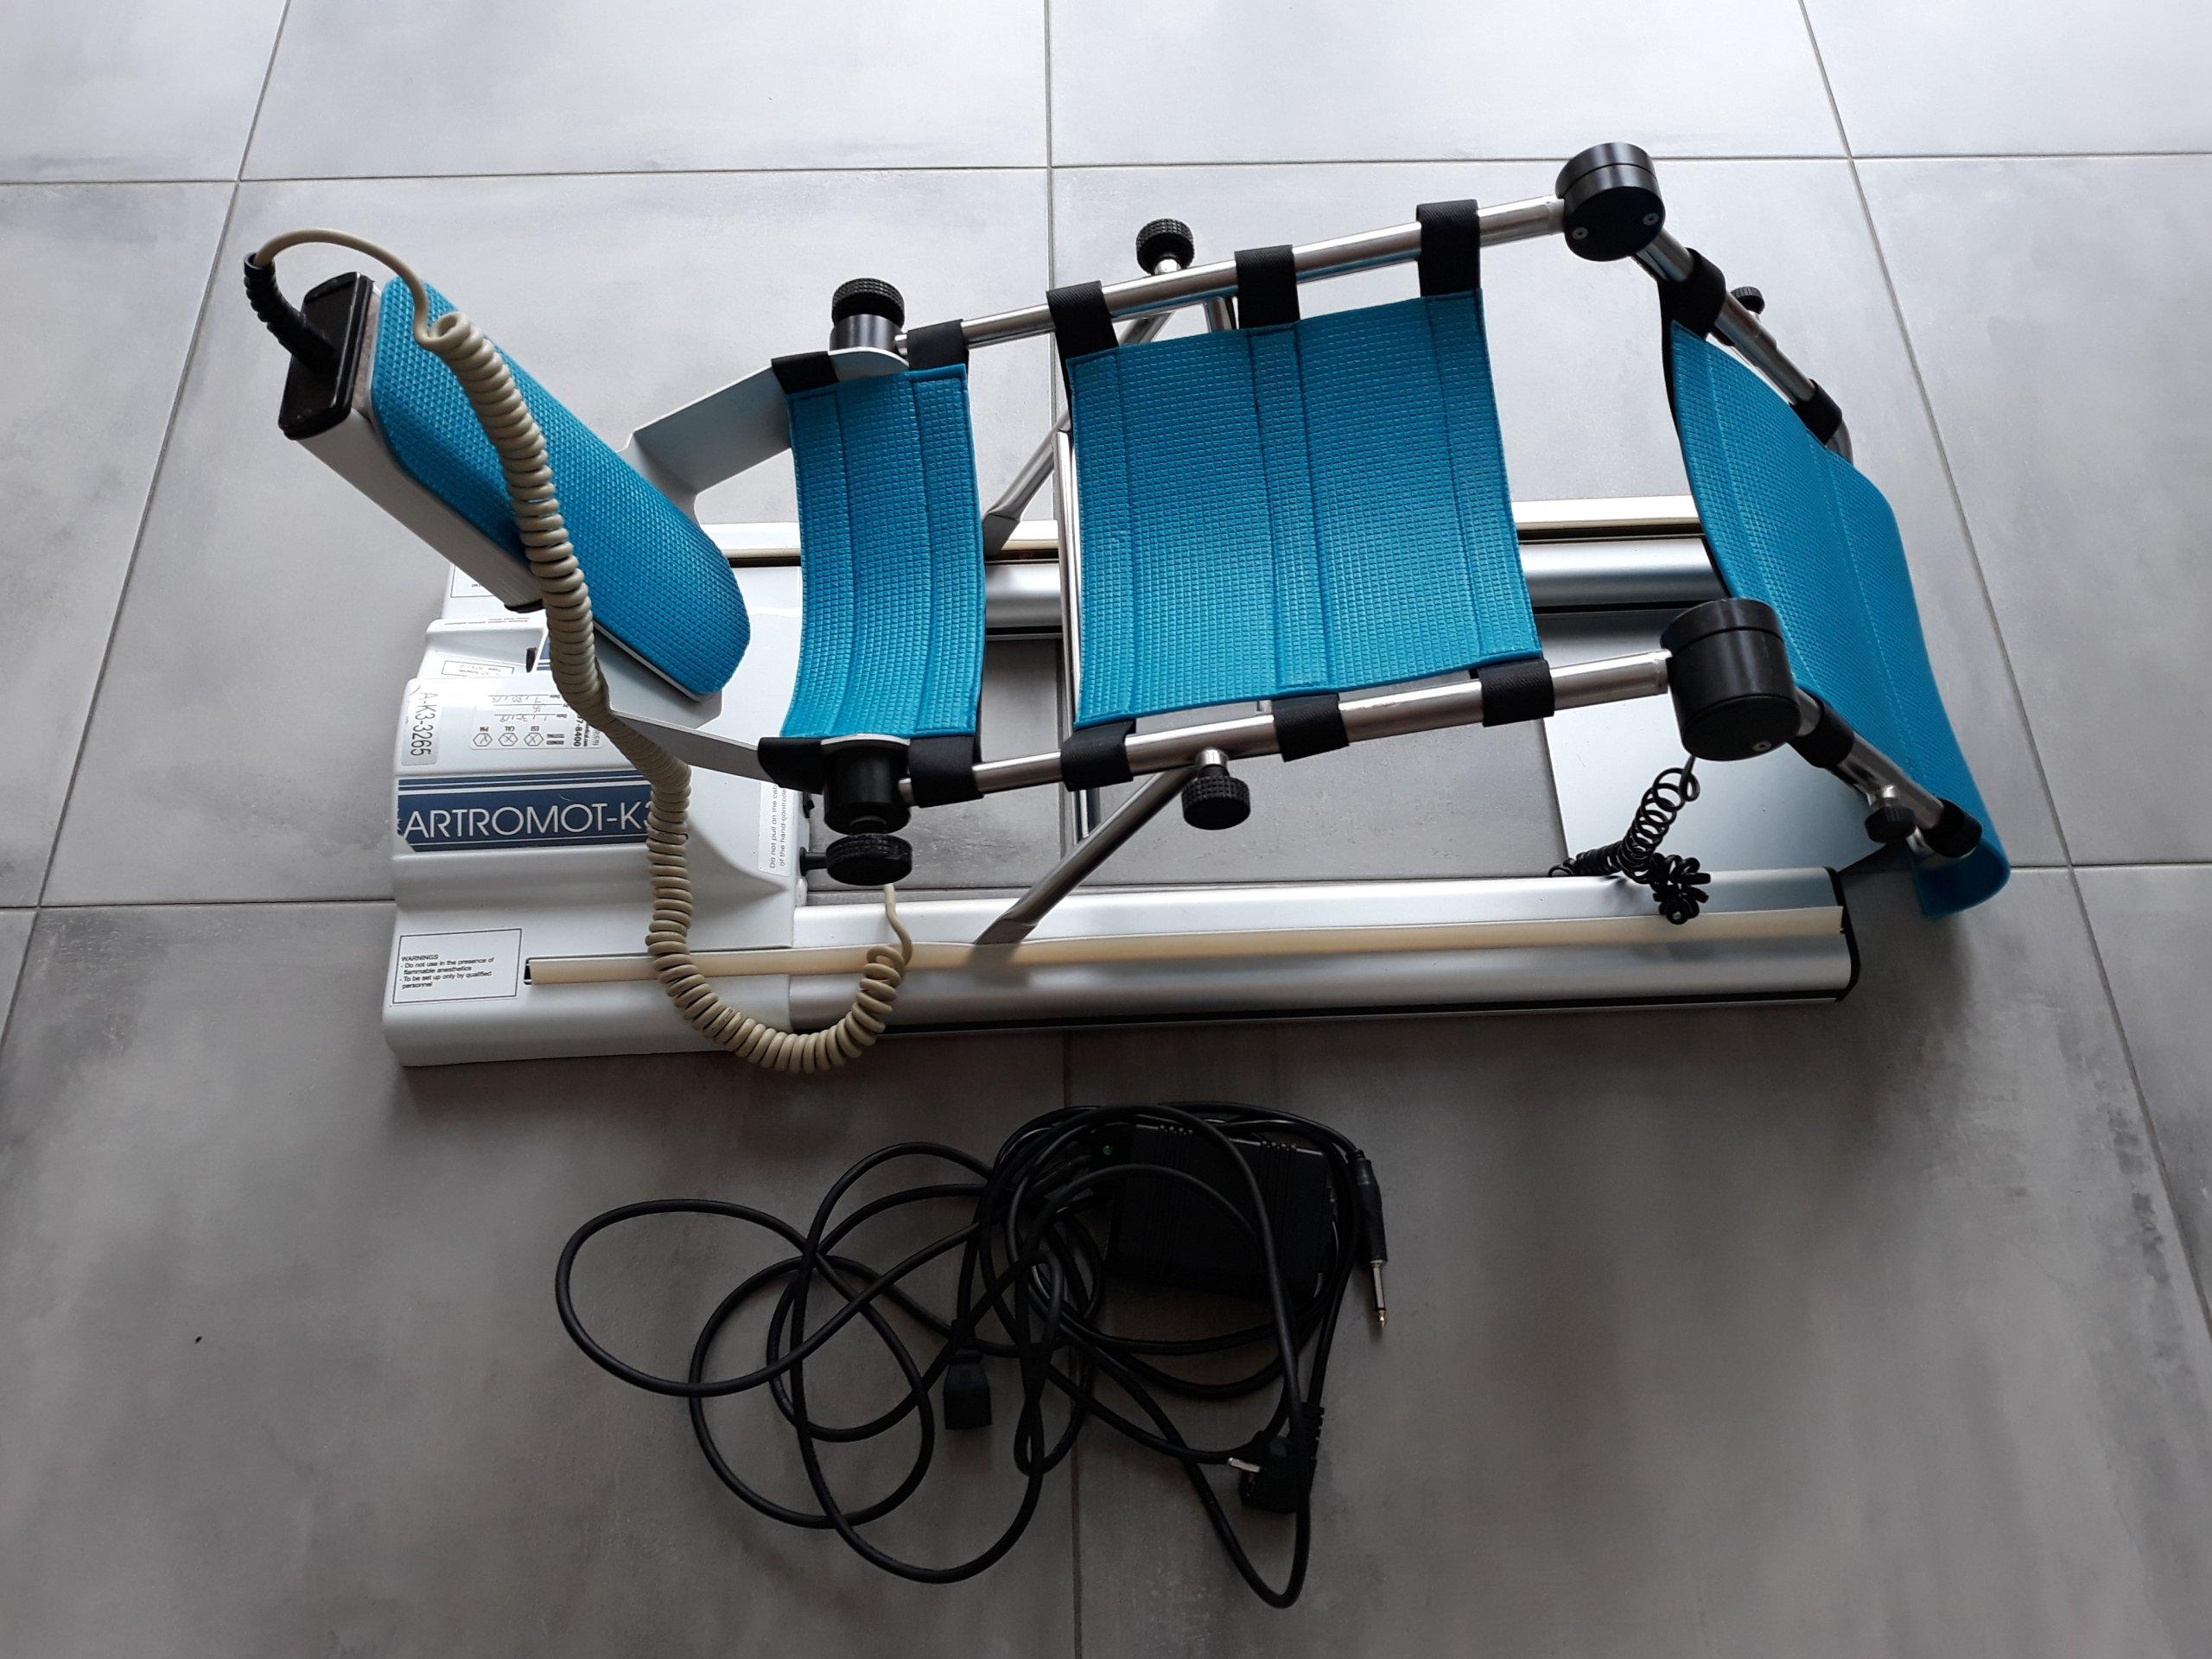 W superbly Szyna rehabilitacyjna CPM ARTROMOT K3 - 7444383751 - oficjalne DX58